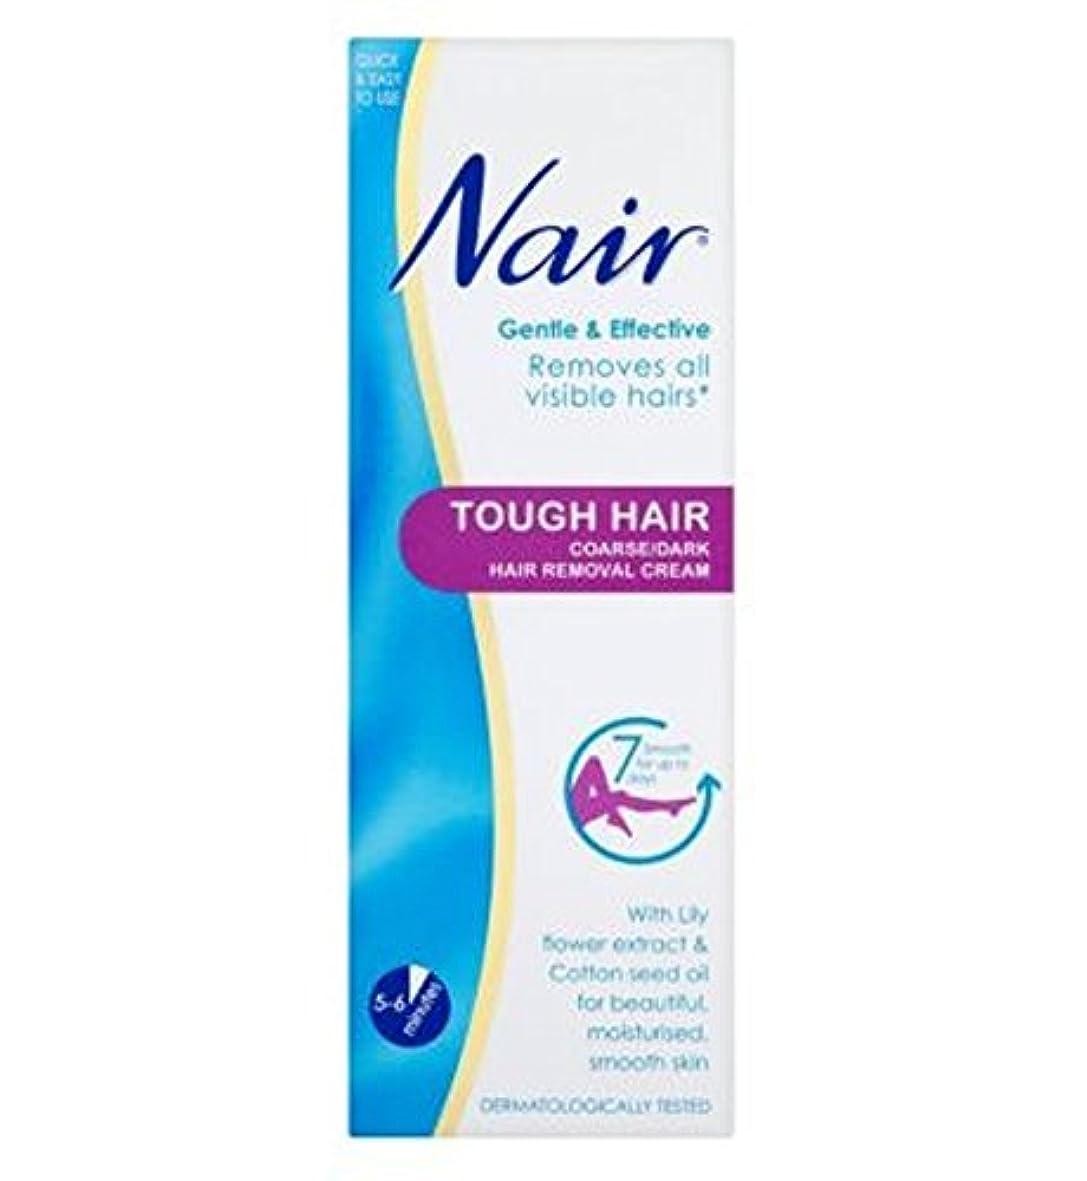 浸透する未満フルーツナイールタフな毛脱毛クリーム200ミリリットル (Nair) (x2) - Nair Tough Hair Hair Removal Cream 200ml (Pack of 2) [並行輸入品]